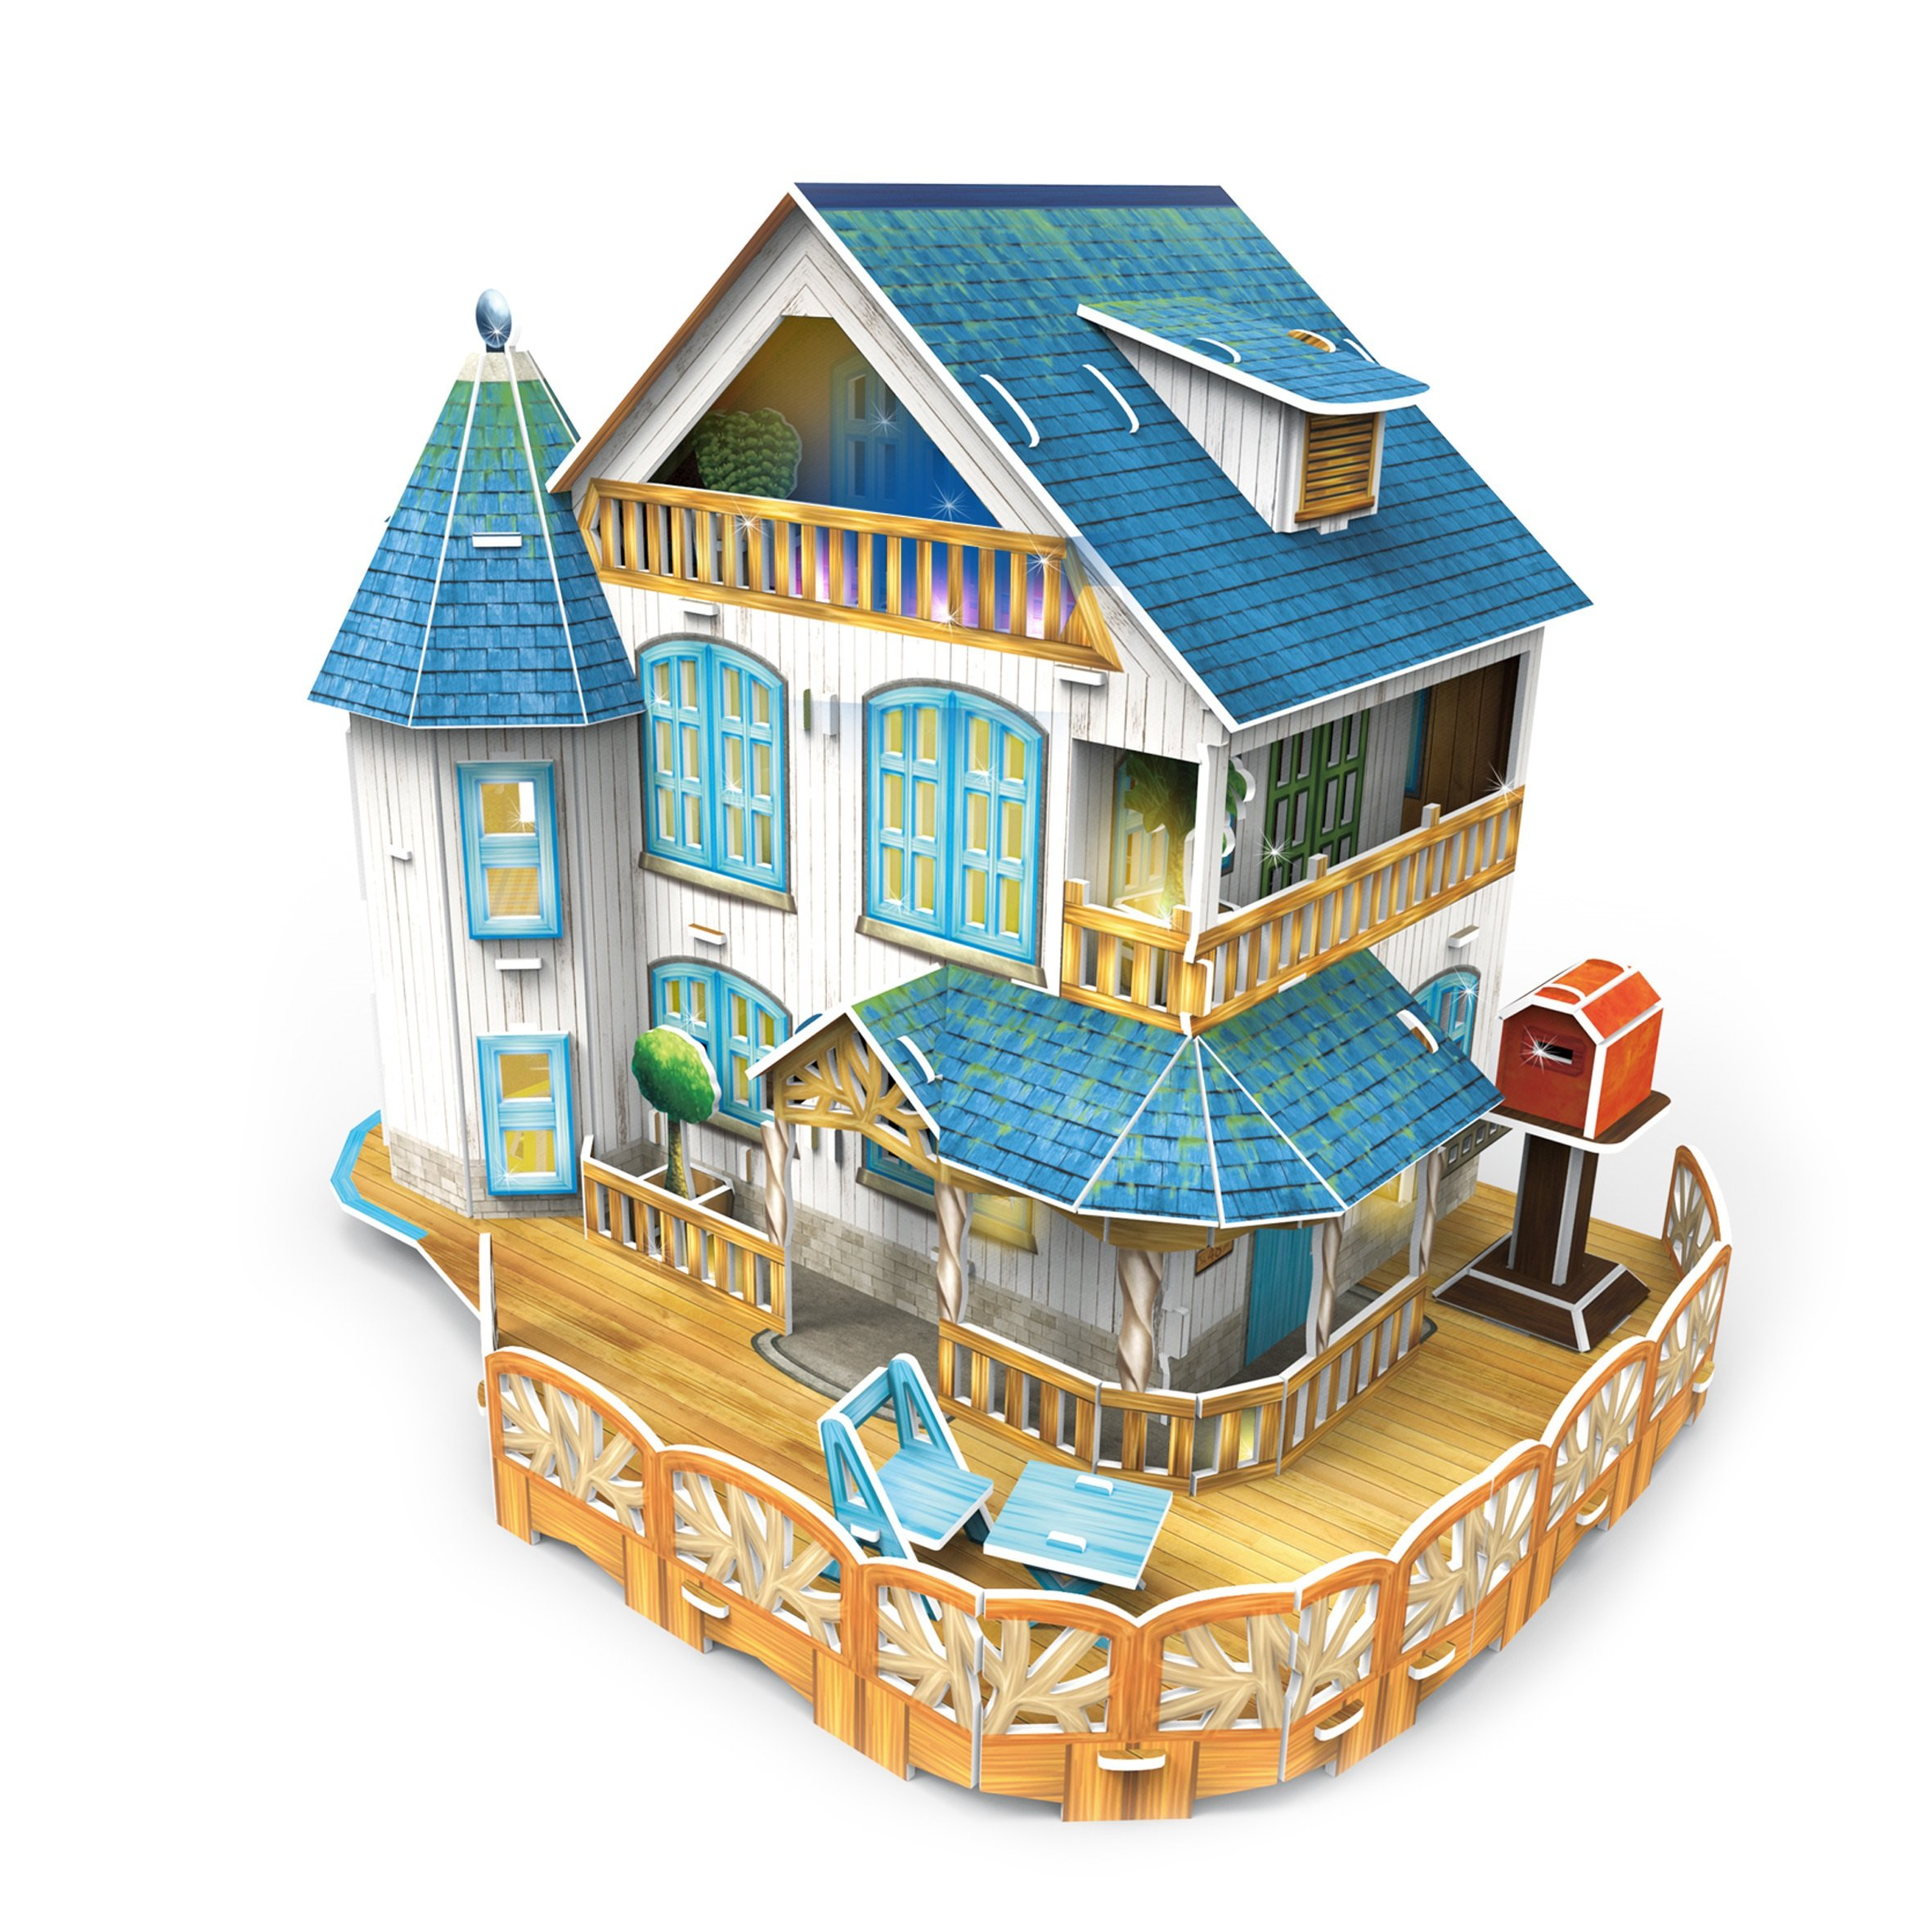 3D Puzzle Place Cubic Classic Rural Villa Dollhouse by 3D Puzzle Place (Image #1)